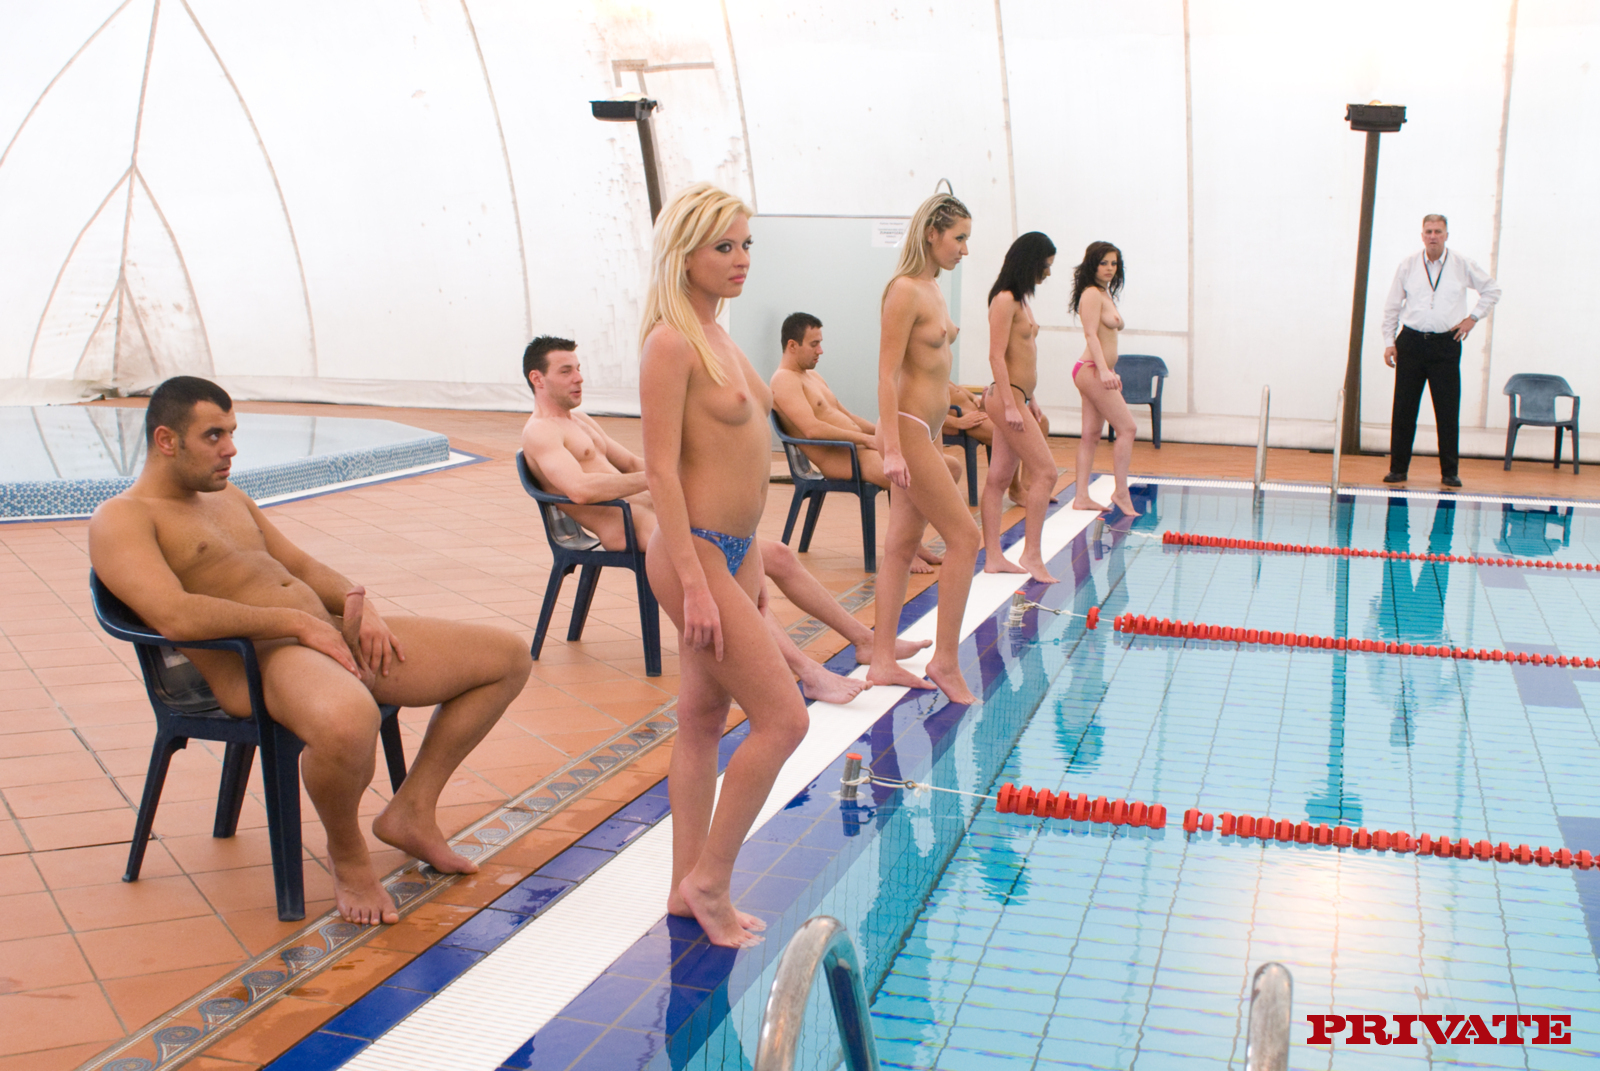 Фото голых на спортивных соревнованиях — 5